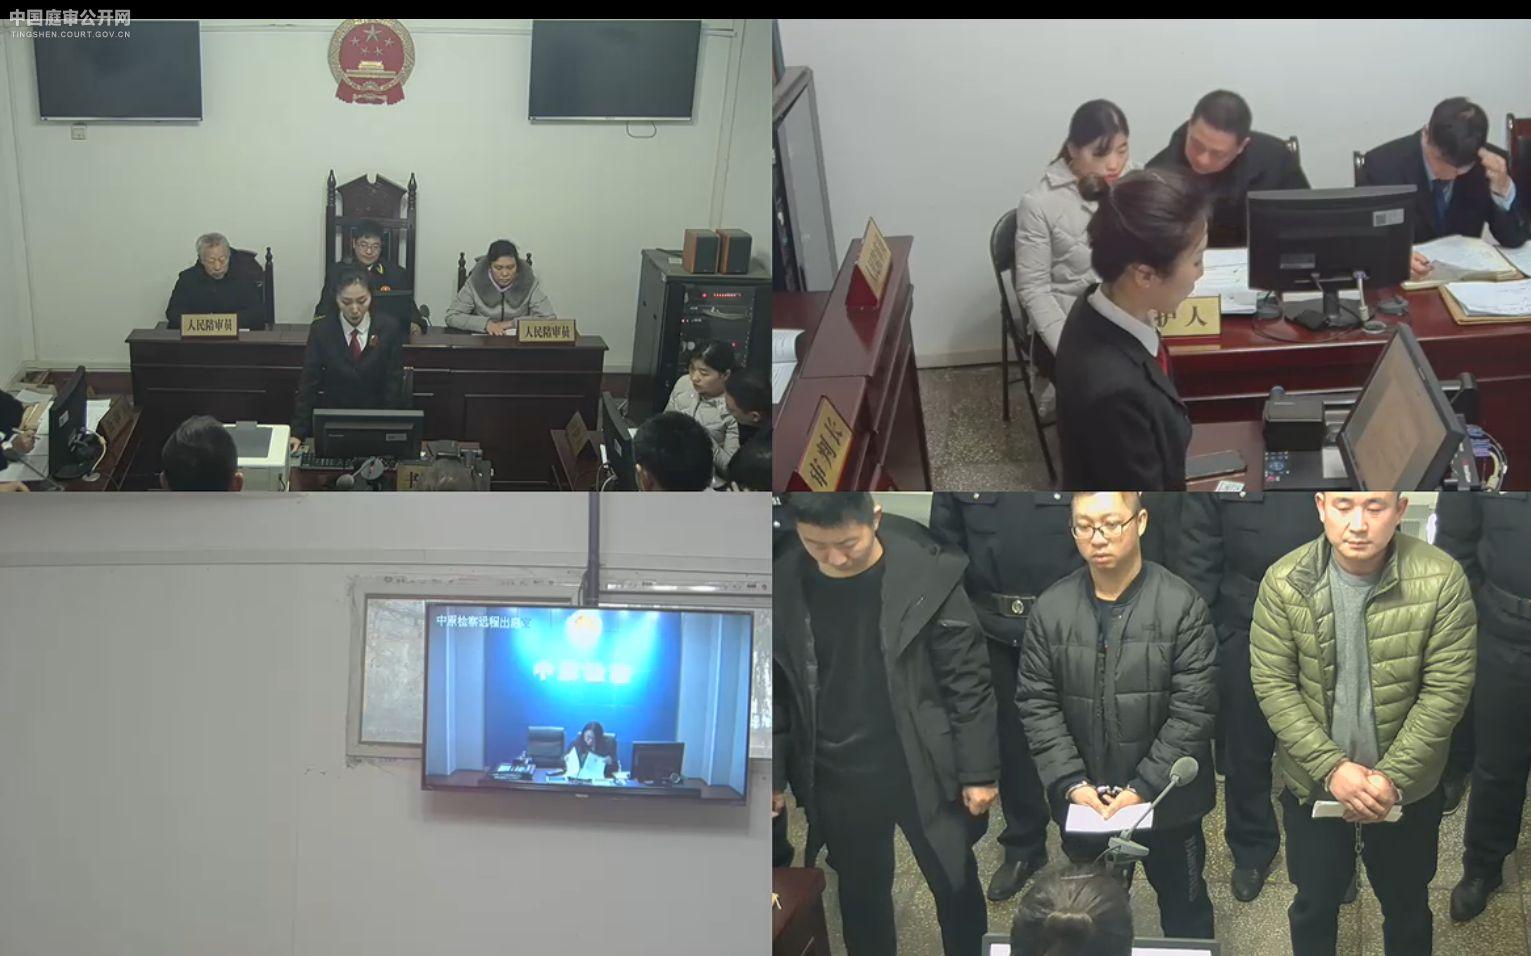 庭审现场。视频截图